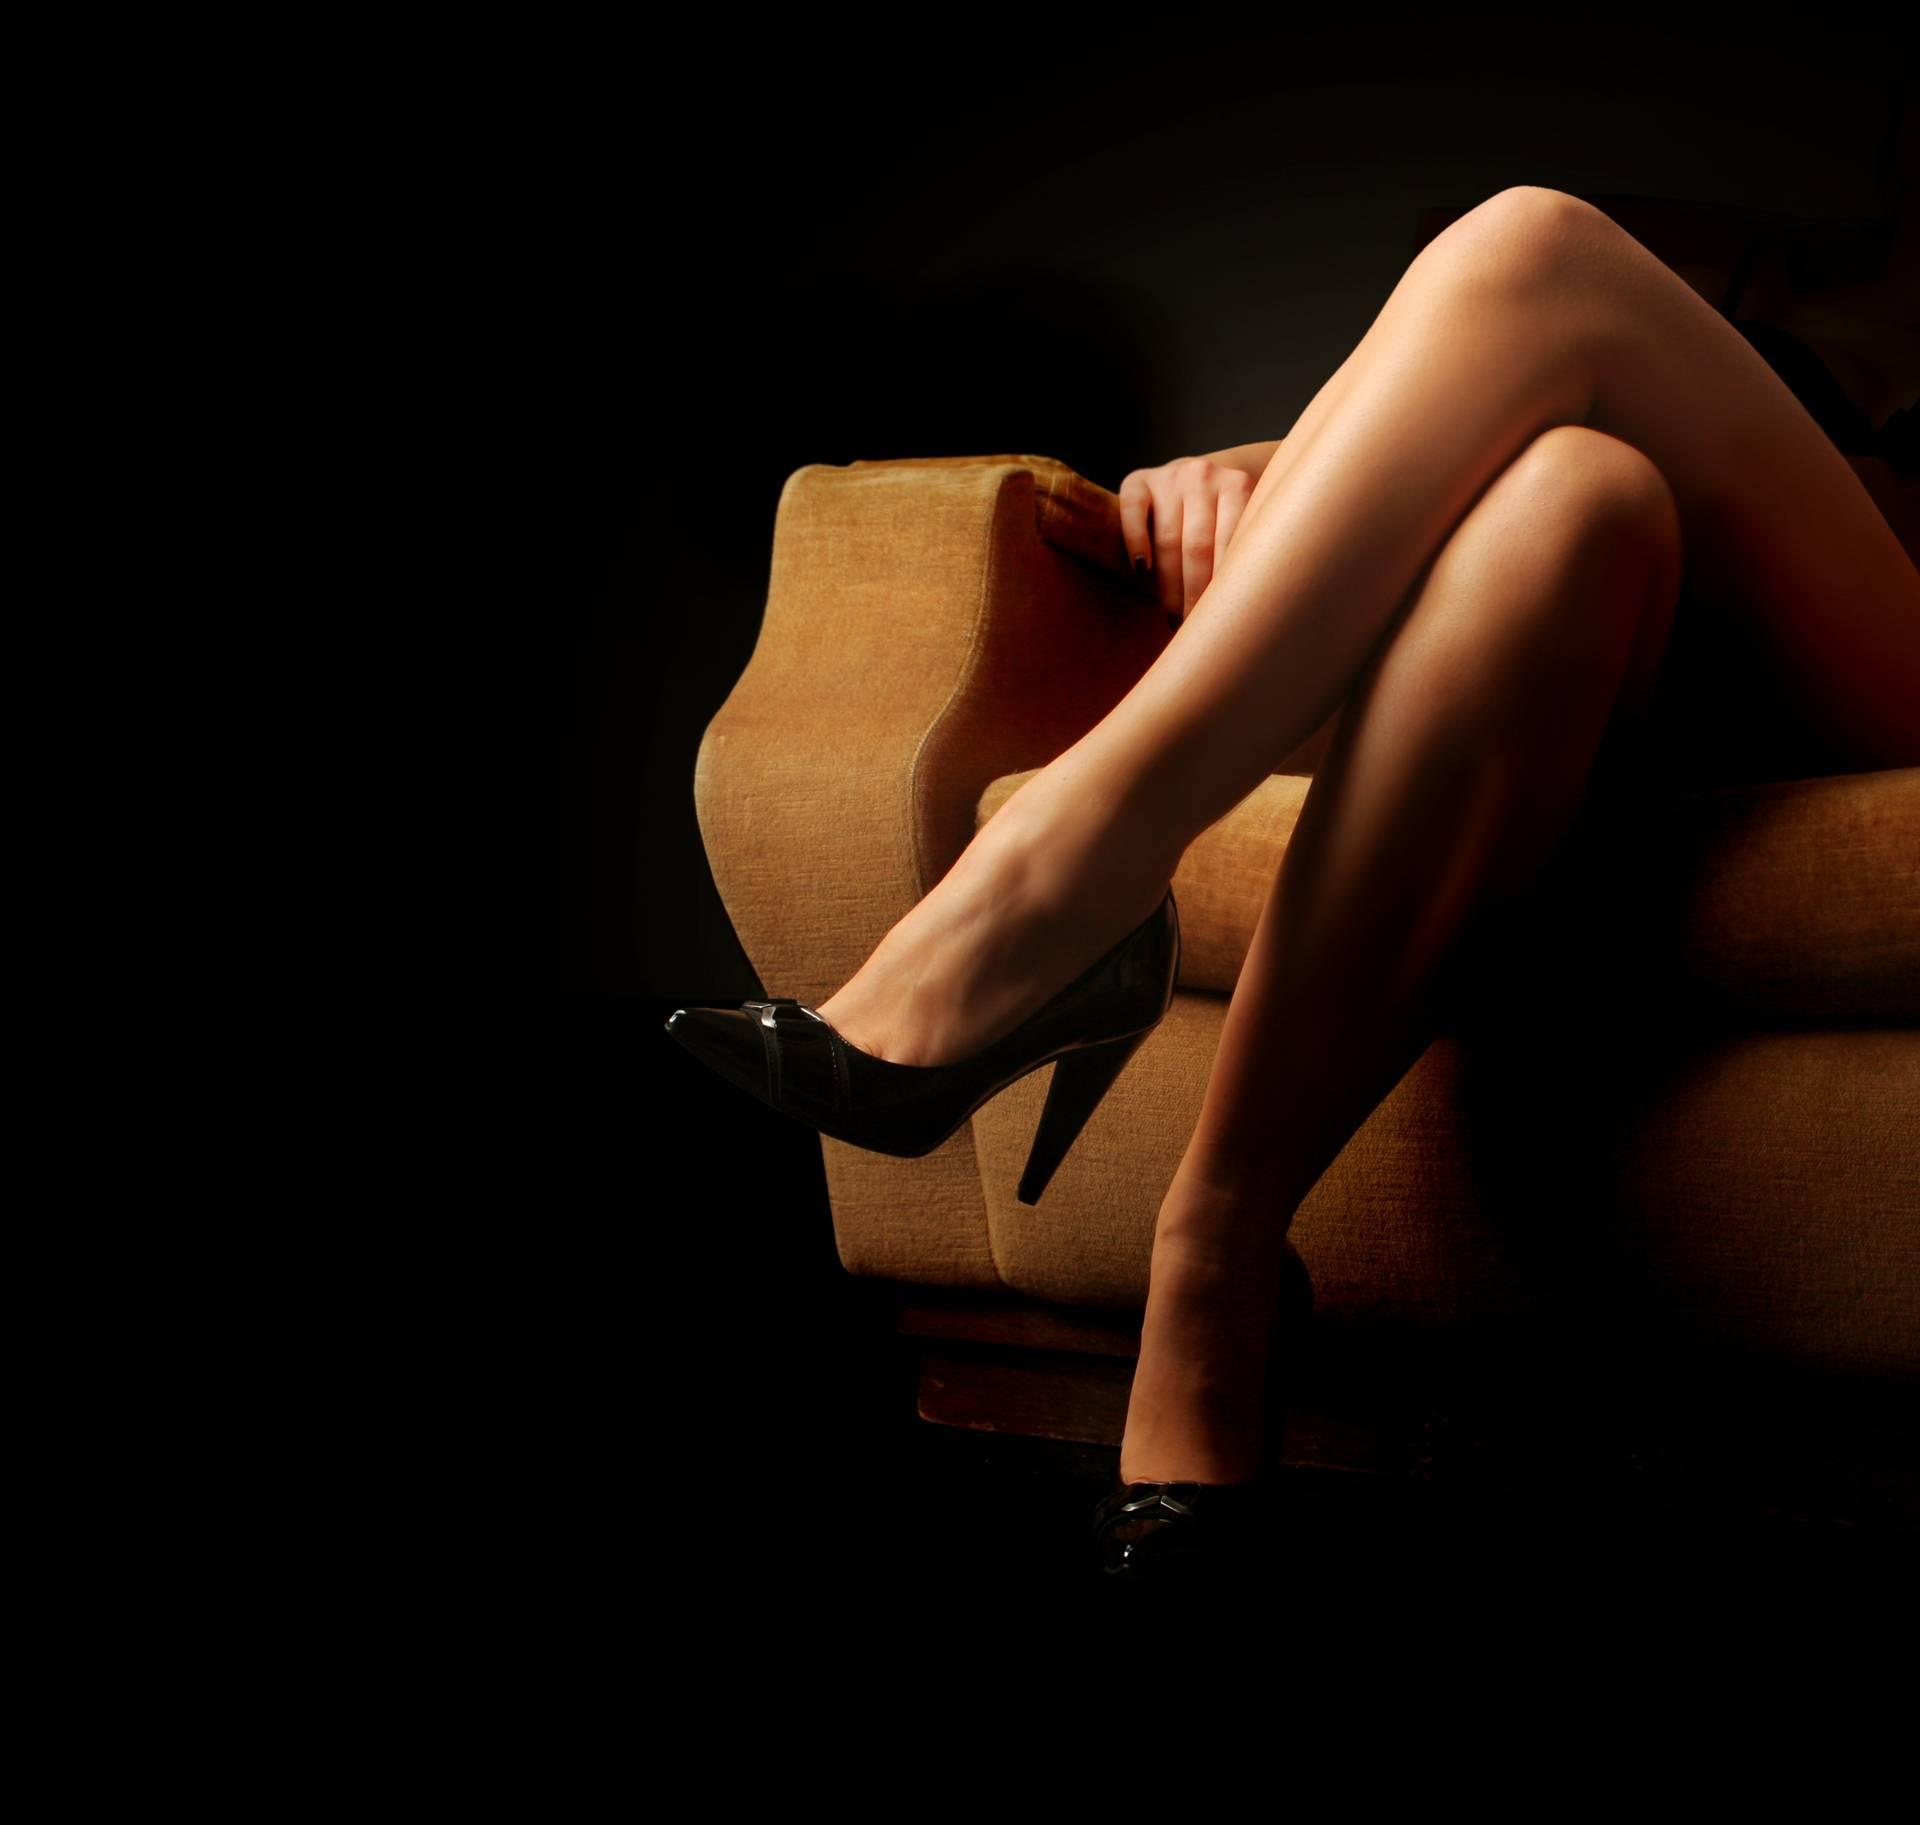 Odlučile su živjeti bez seksa: Tri žene otkrile svoje razloge